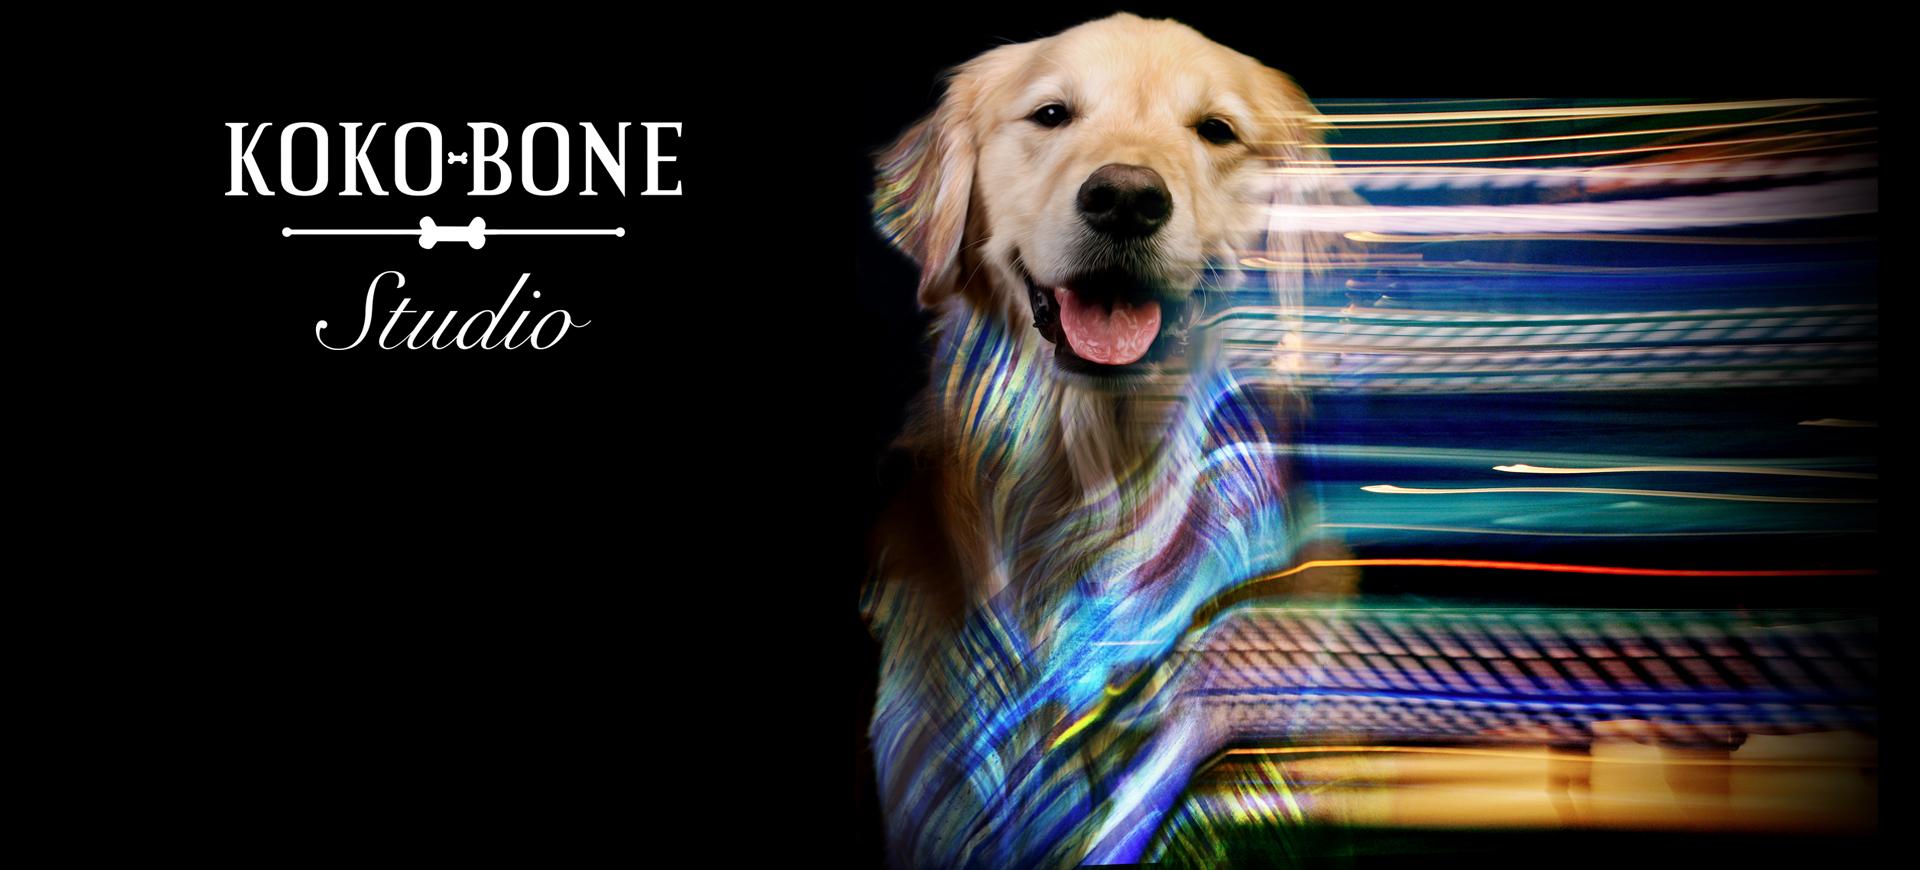 kokobone_studio_slider5